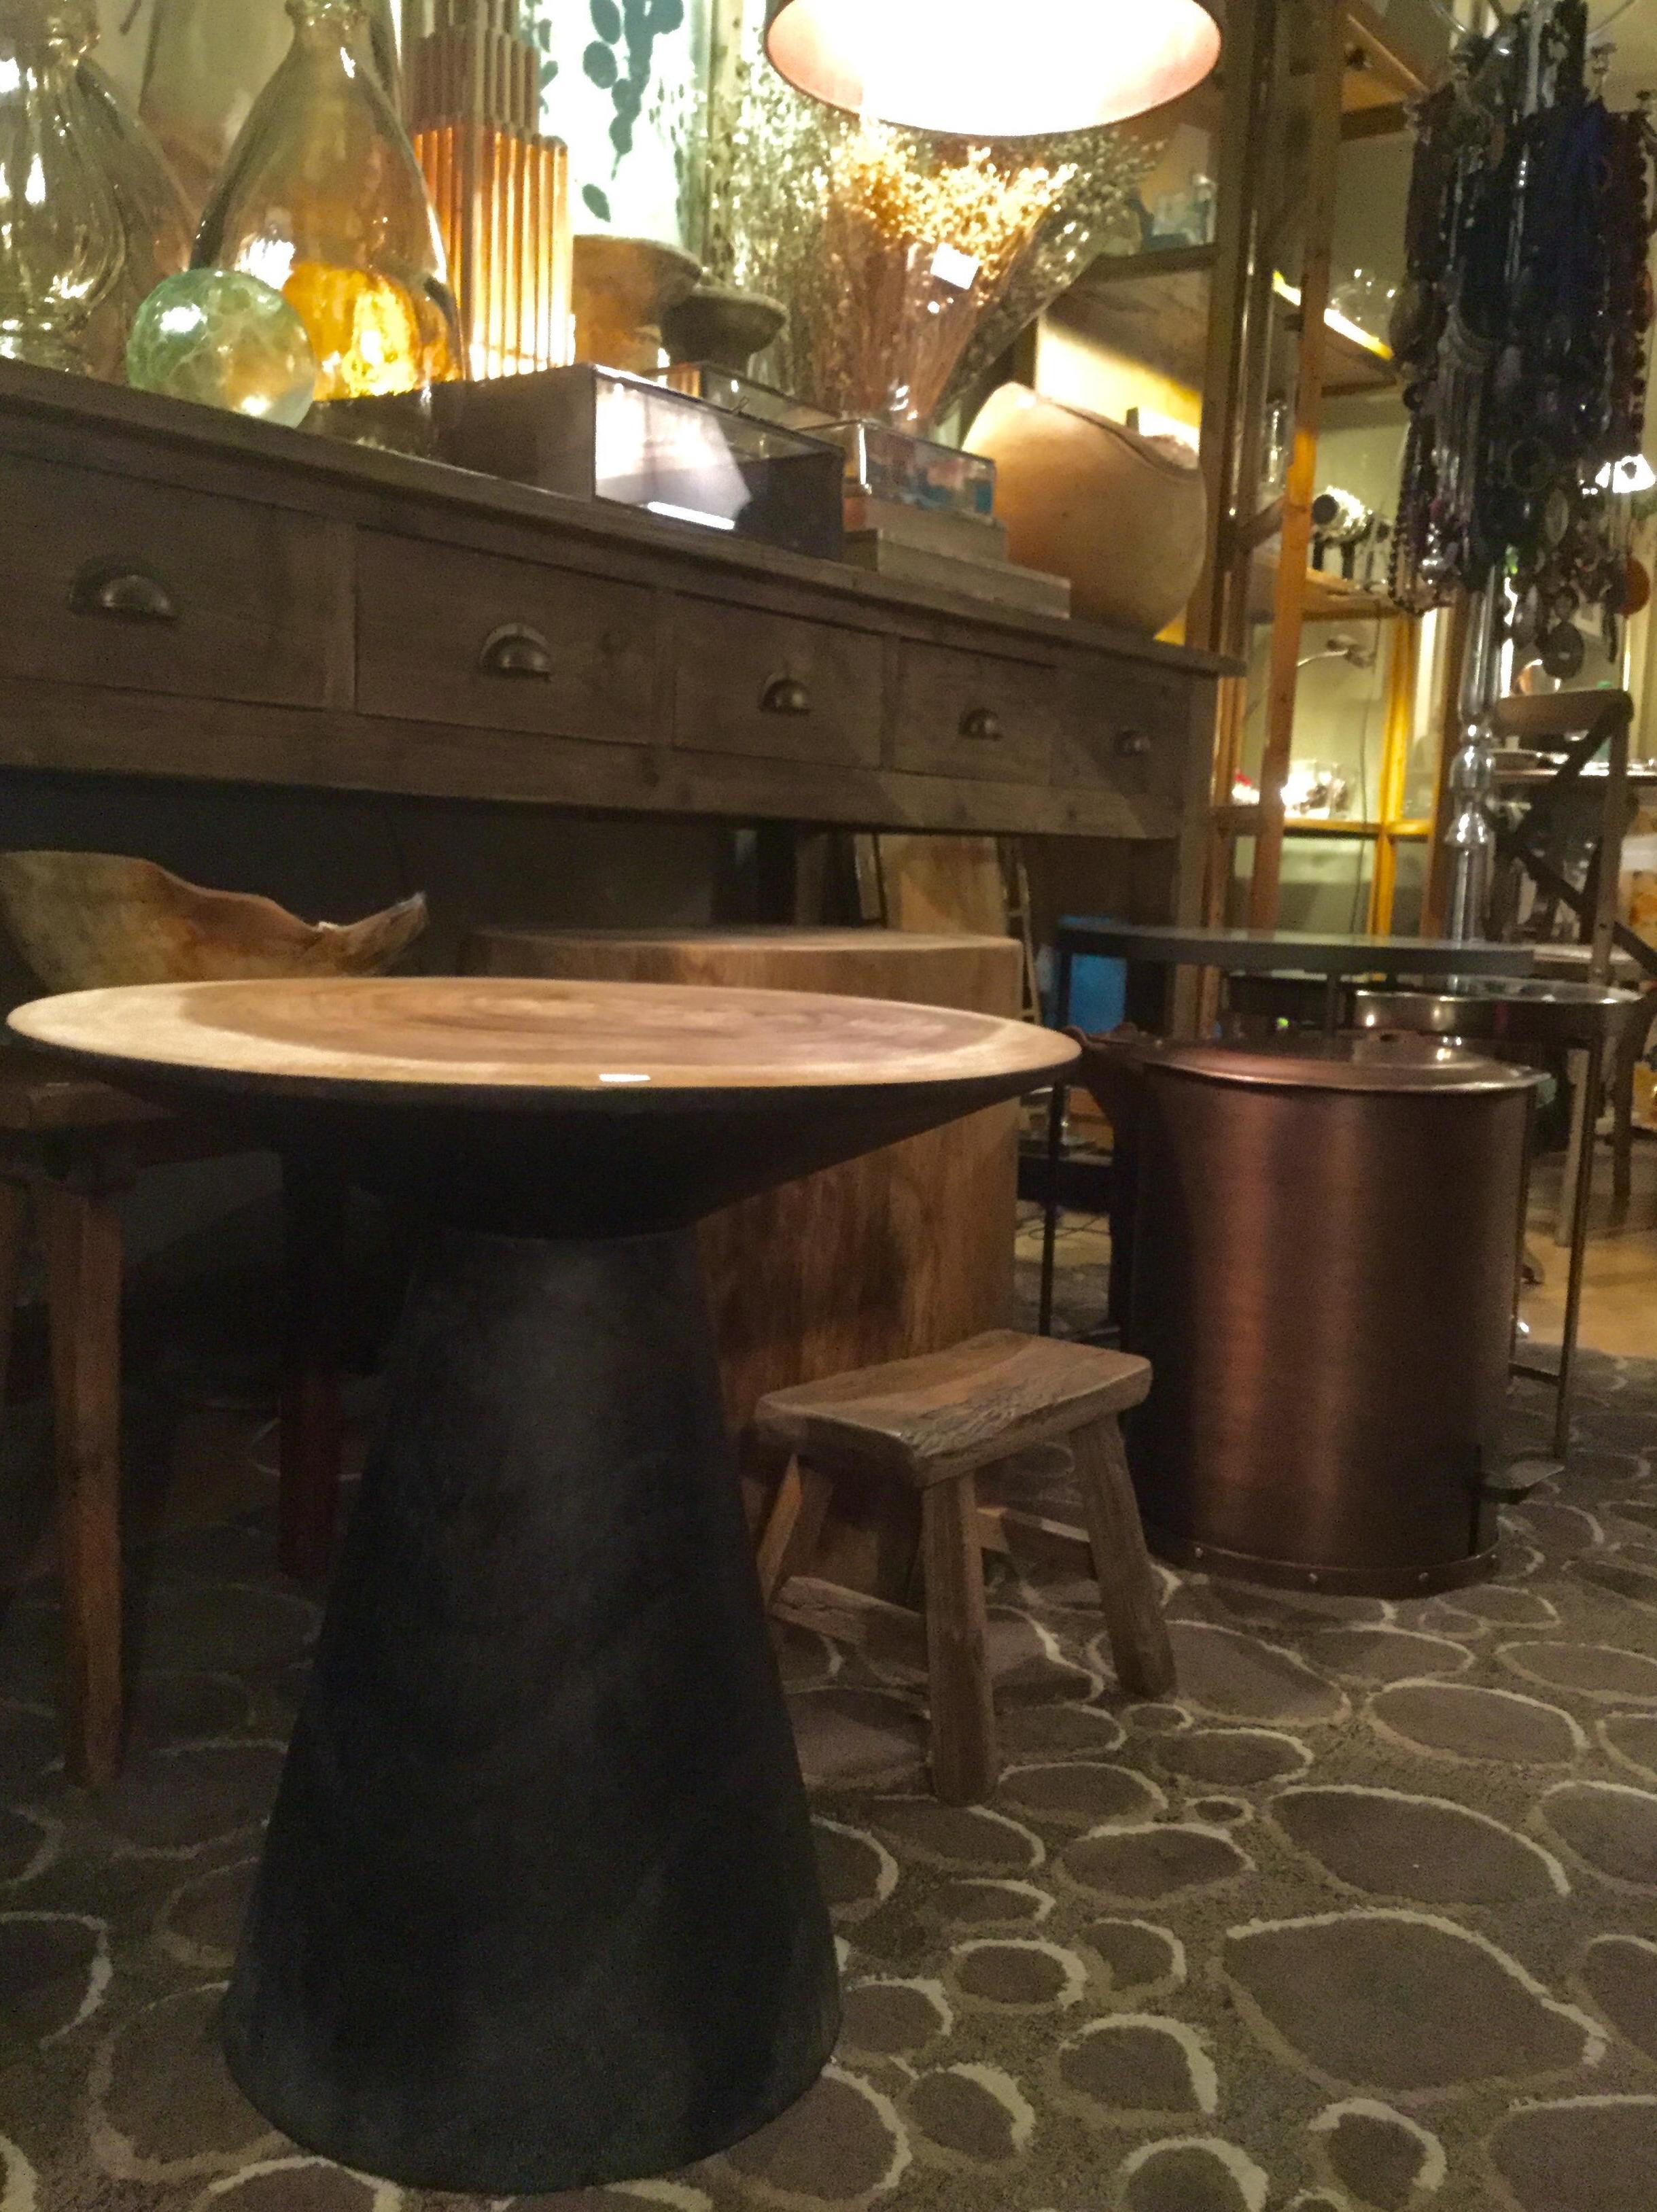 Venta de muebles en las Palmas de Gran Canaria